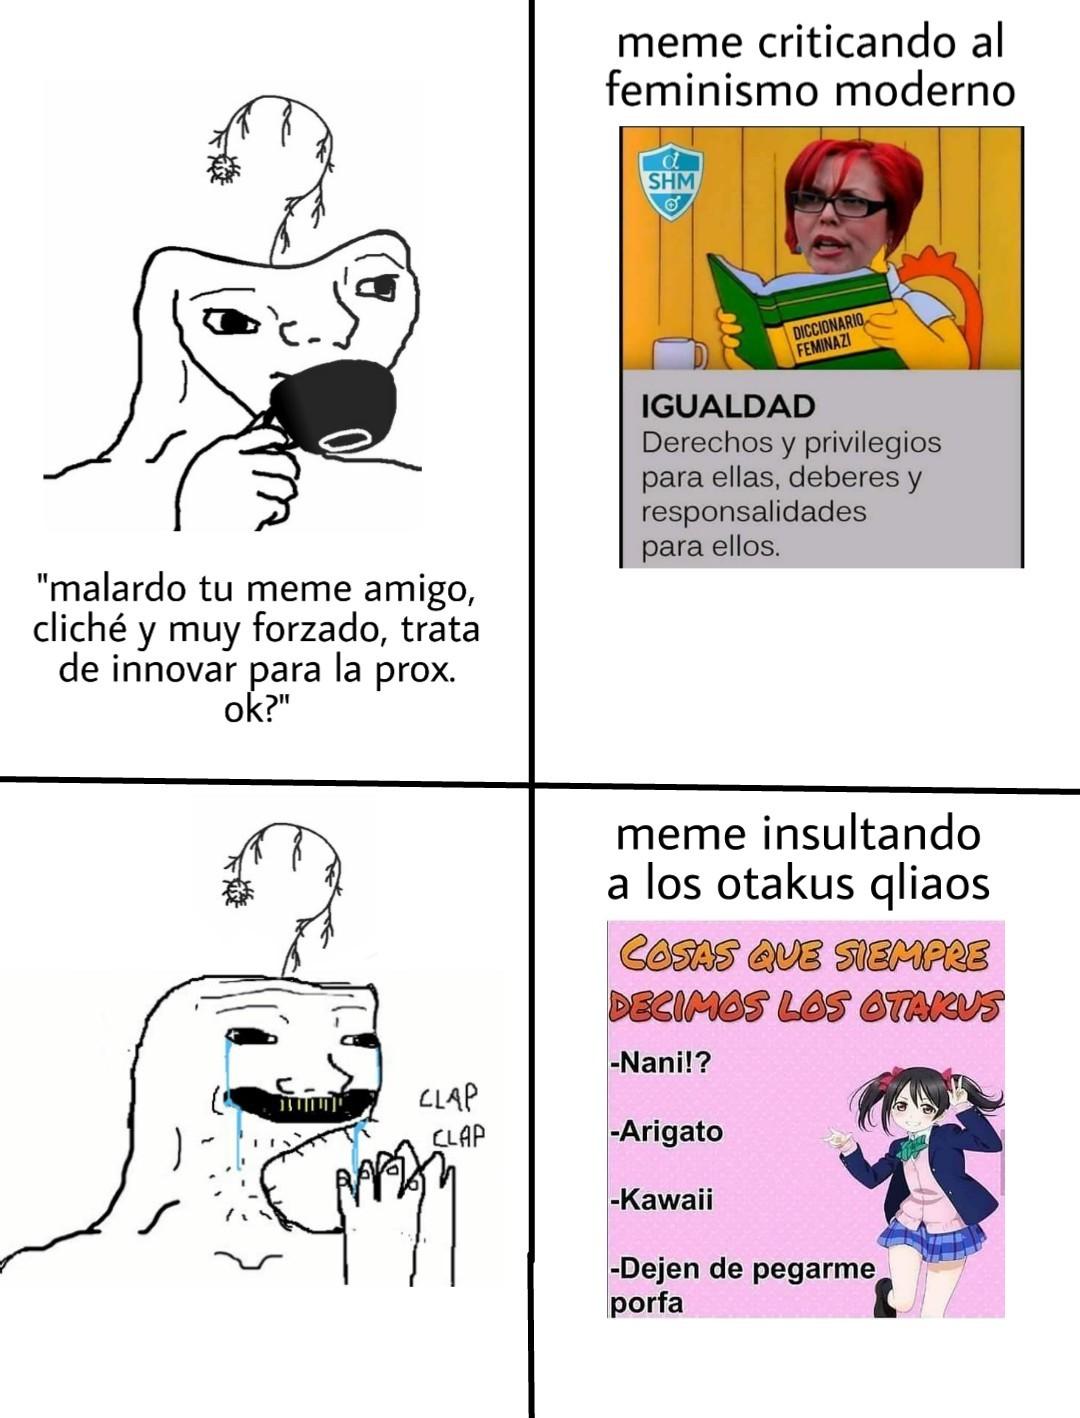 Meme insultando ≠ memardo